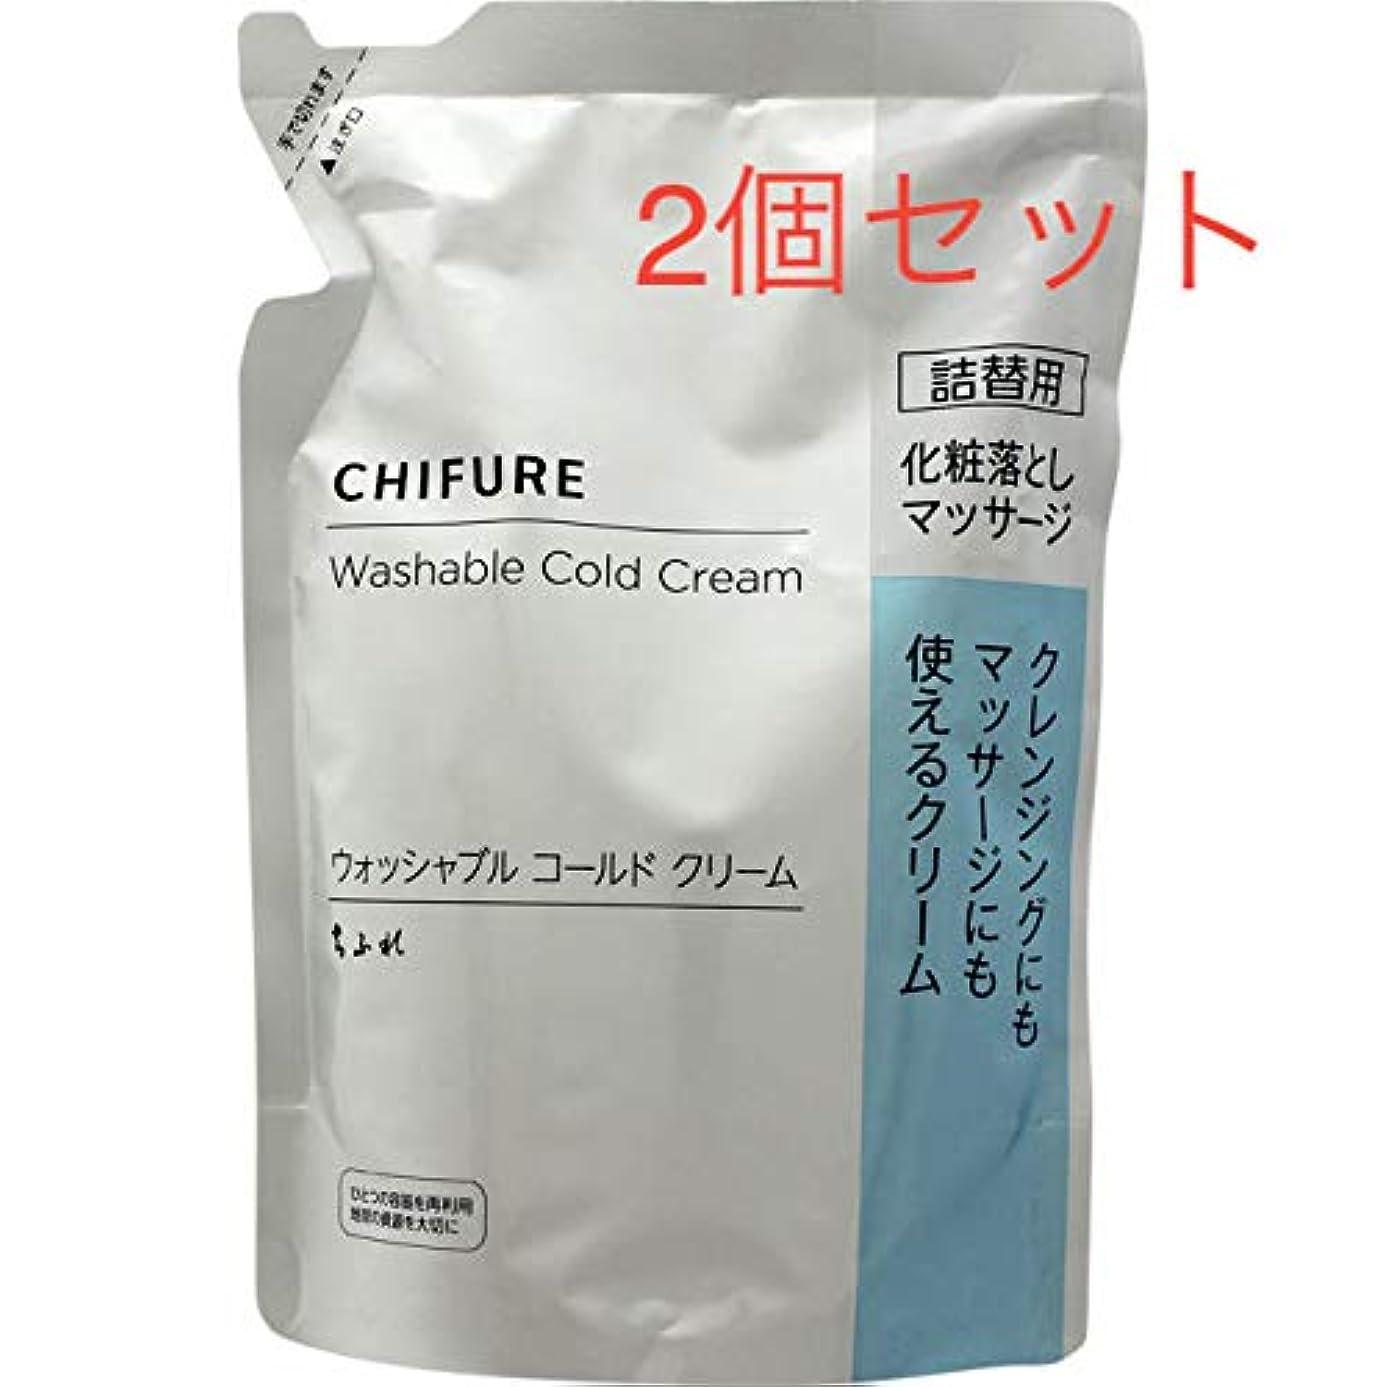 ちふれ化粧品 ウォッシャブルコールドクリームN詰替 300g 2個セット